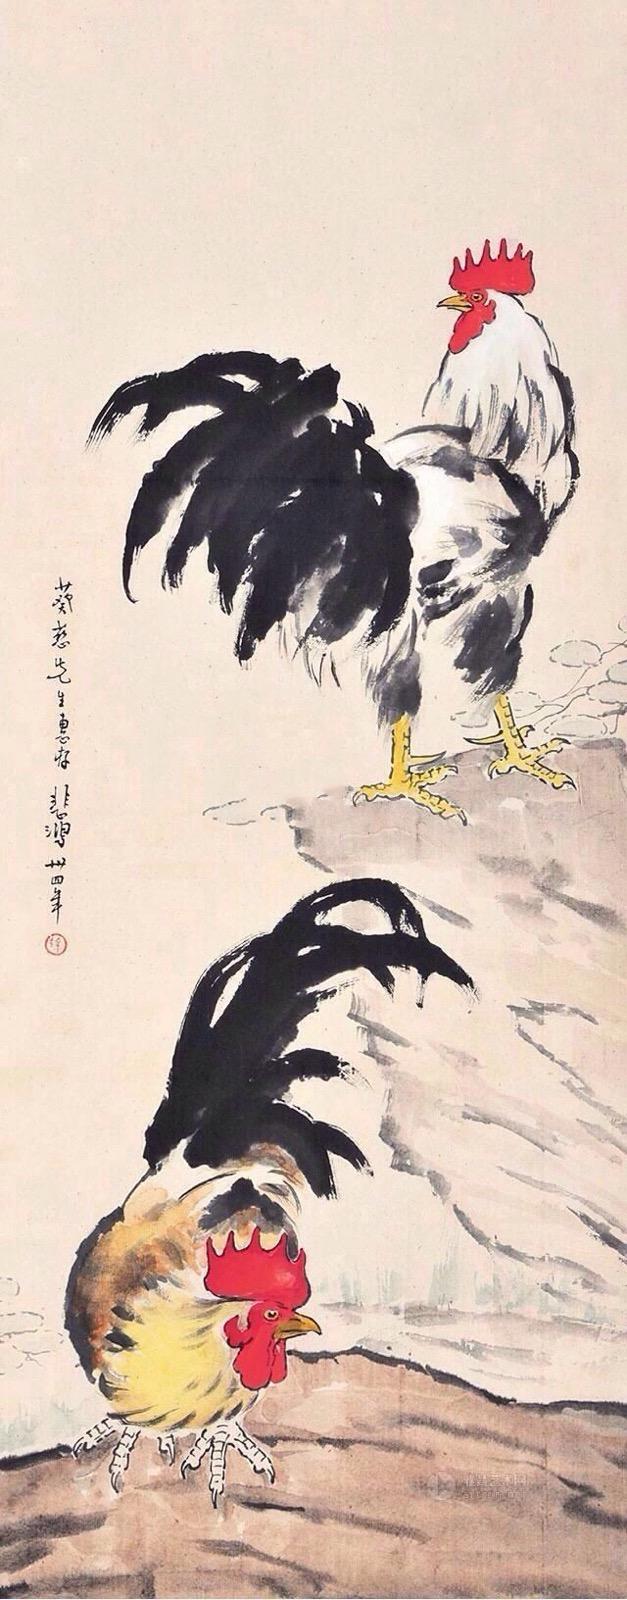 中國畫-徐悲鴻國畫作品欣賞 - 每日頭條